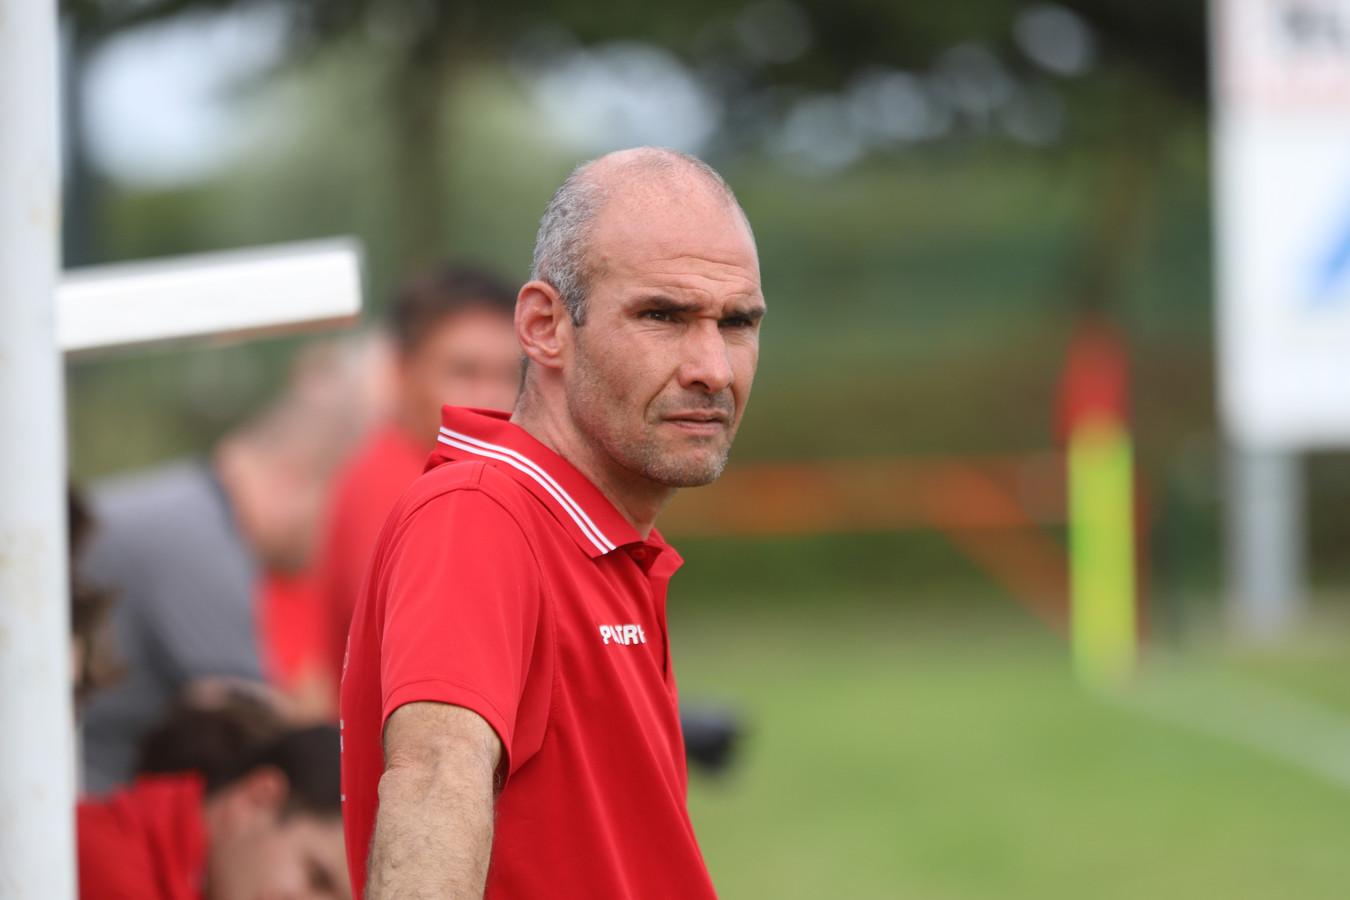 Na vijf mooie seizoenen scheiden straks de wegen van SK Staden en coach Nicolas Somers.